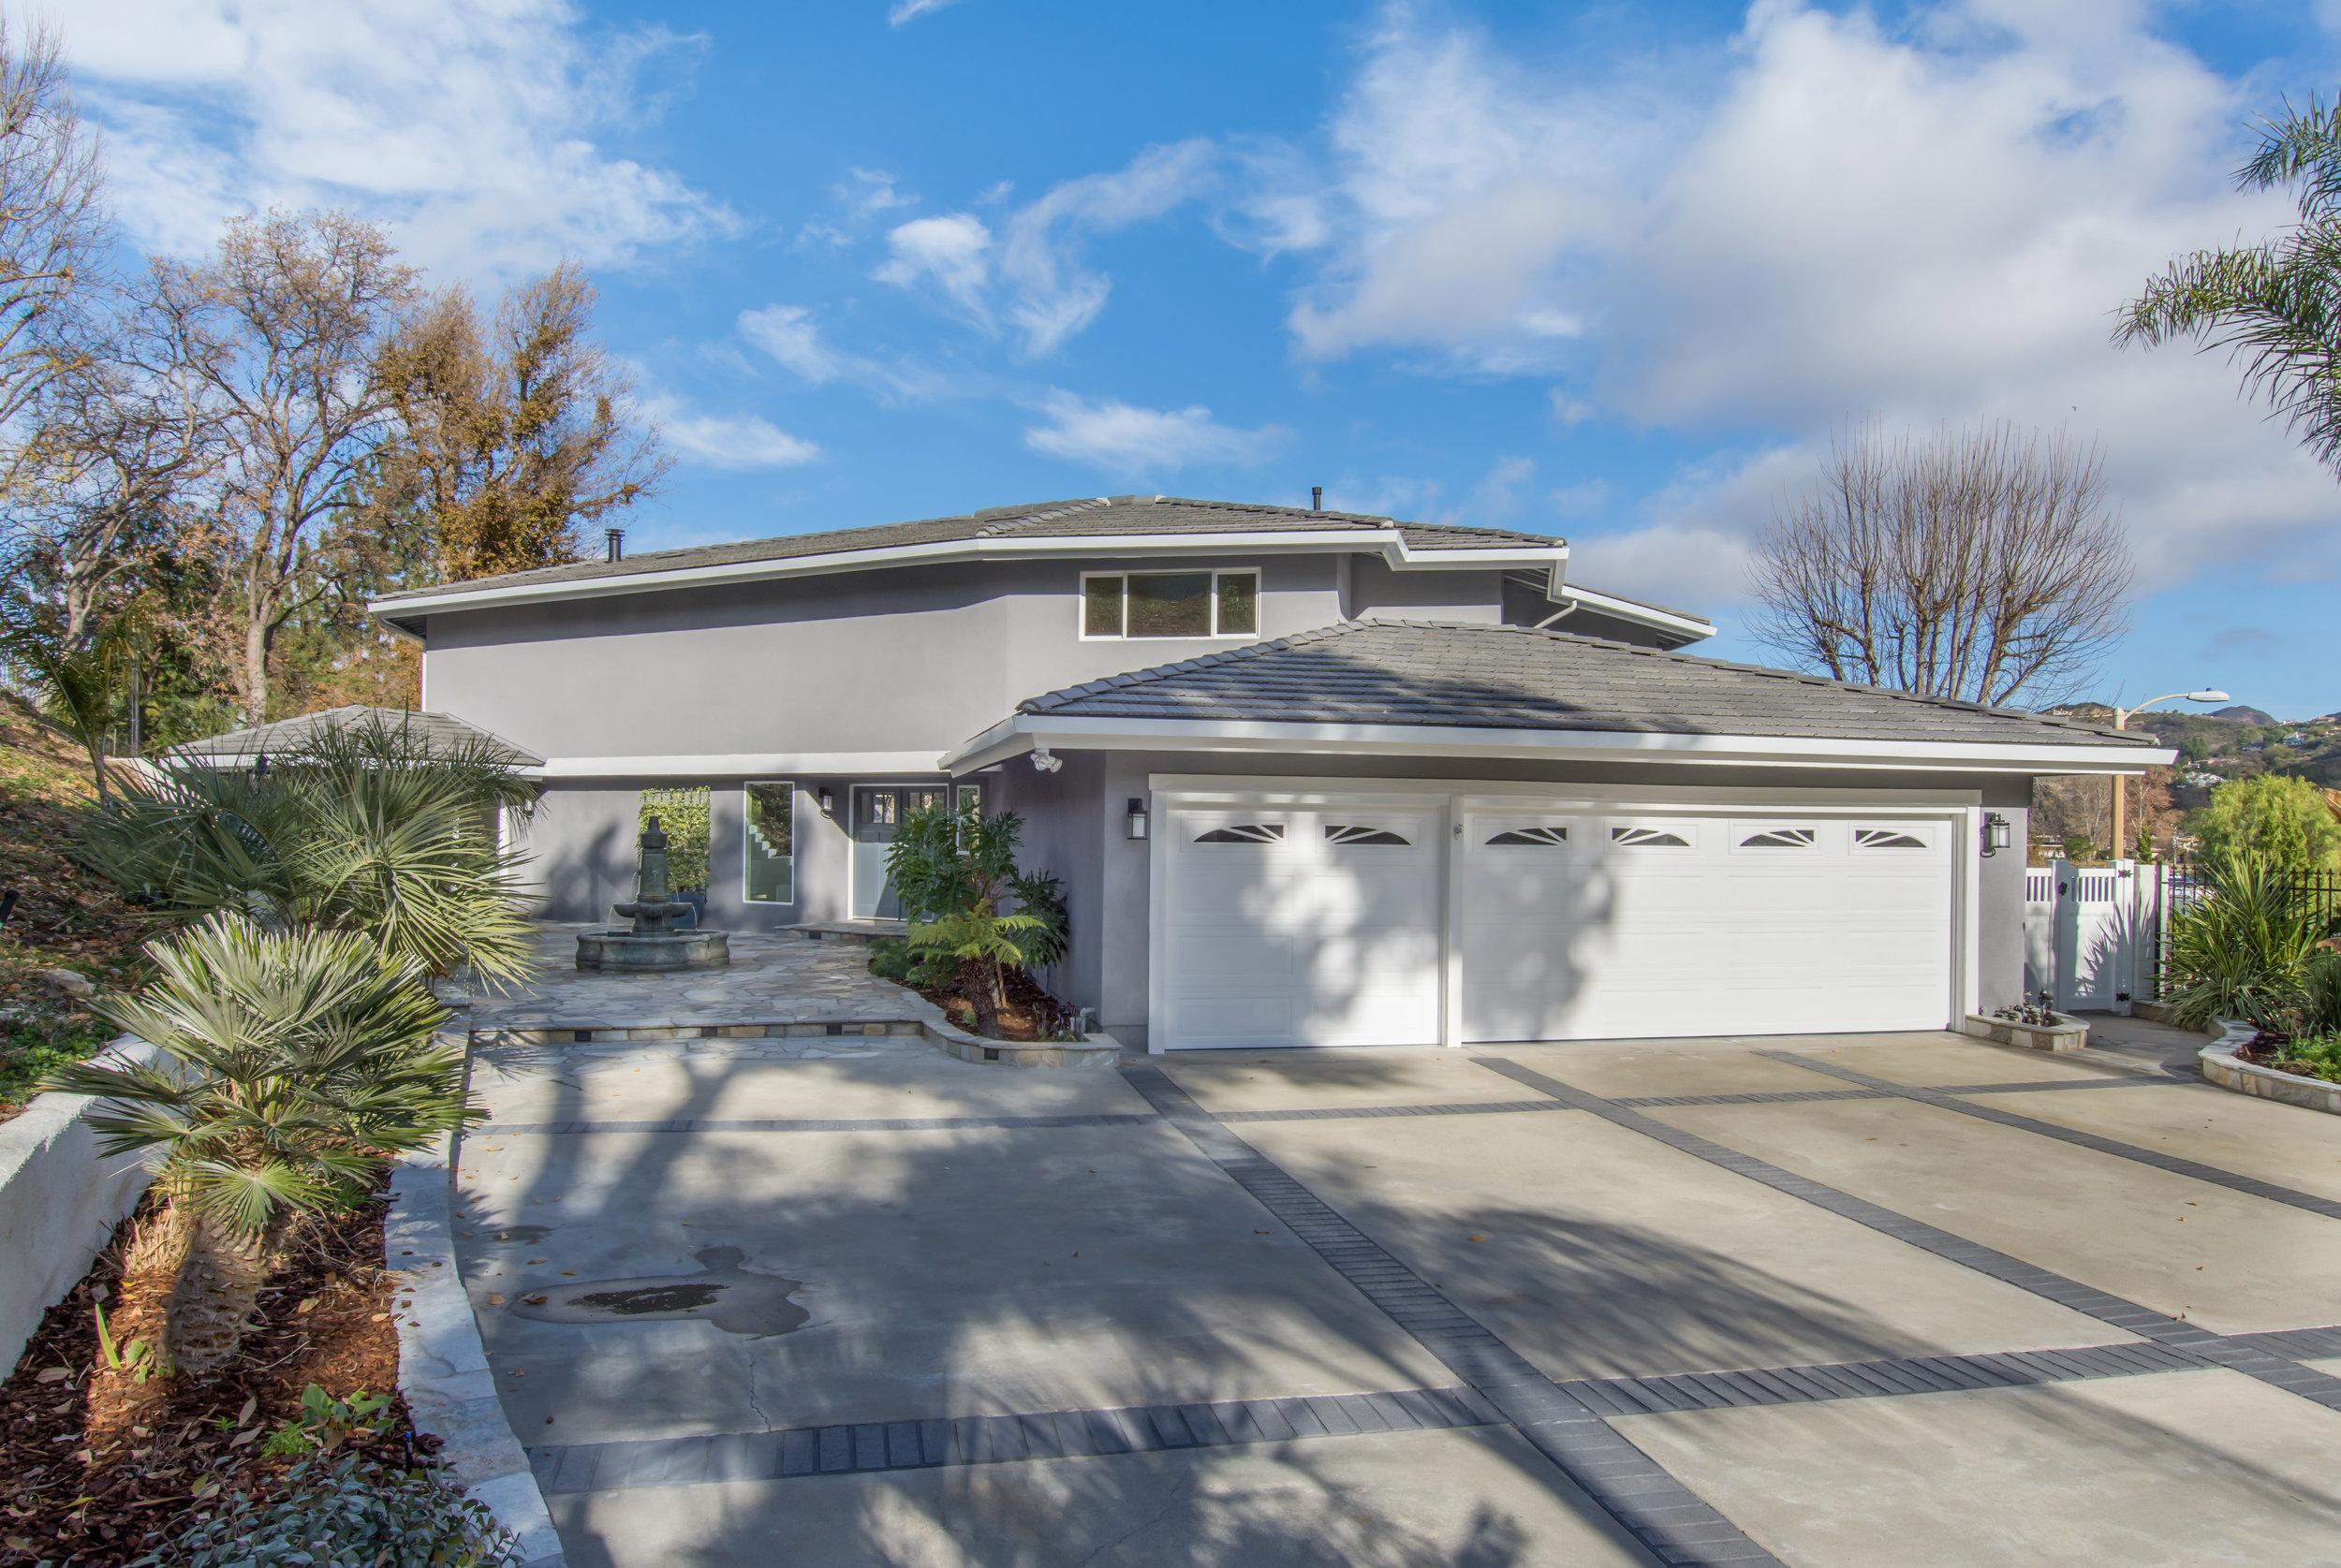 3663 Golden LeaF Drive, Westlake Village, CA 91361 - $1,775,000